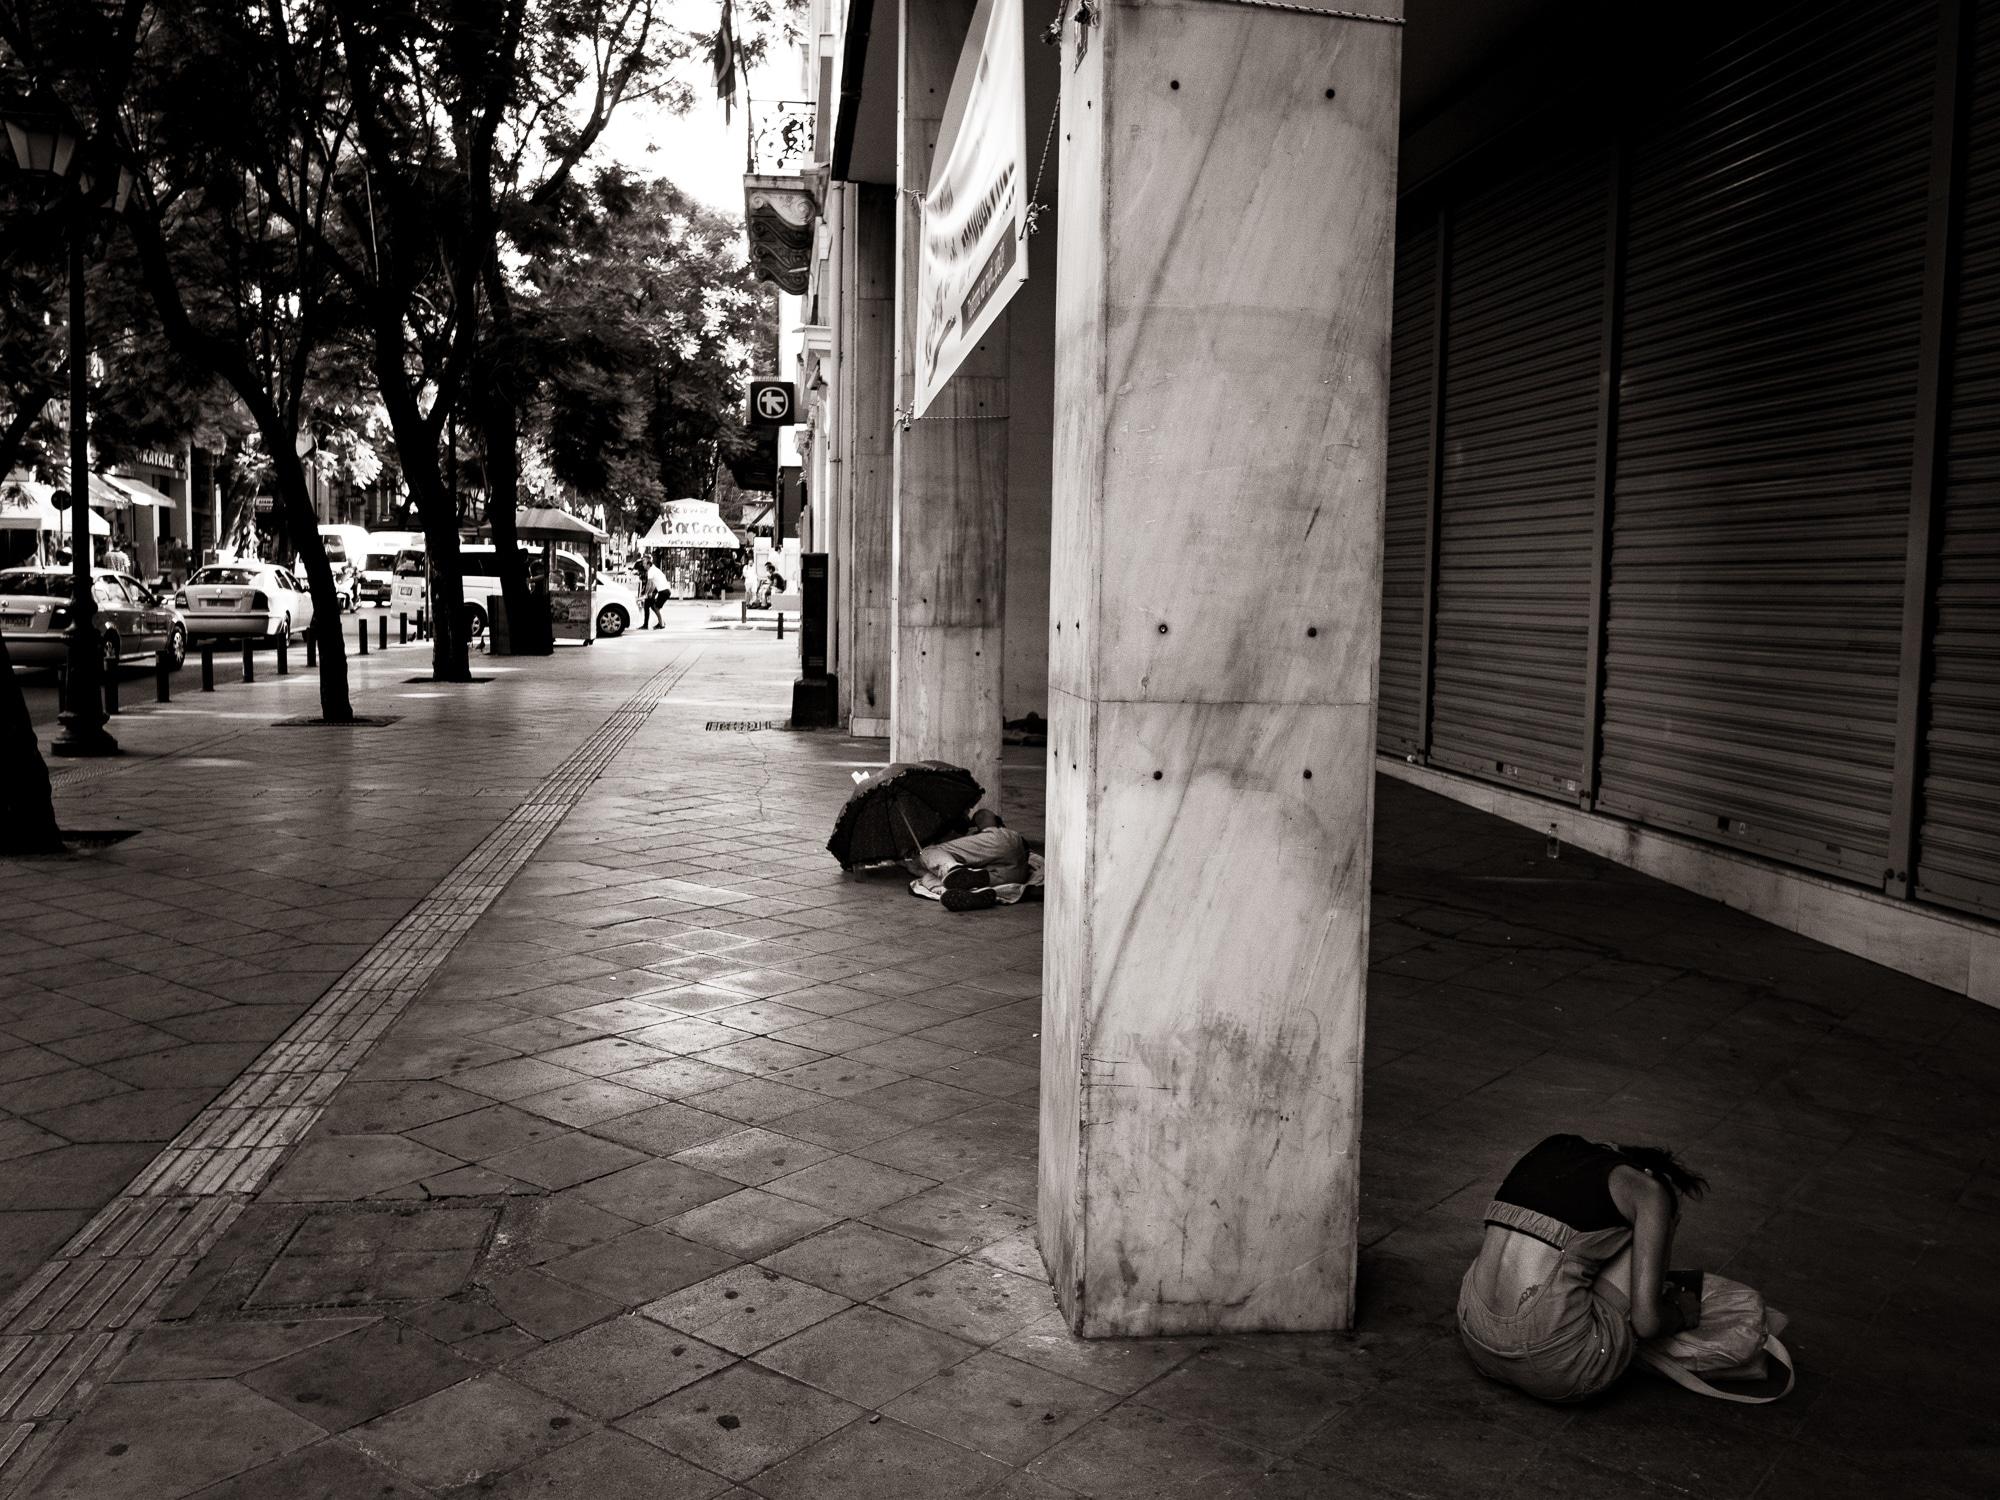 La vie dure à Athènes